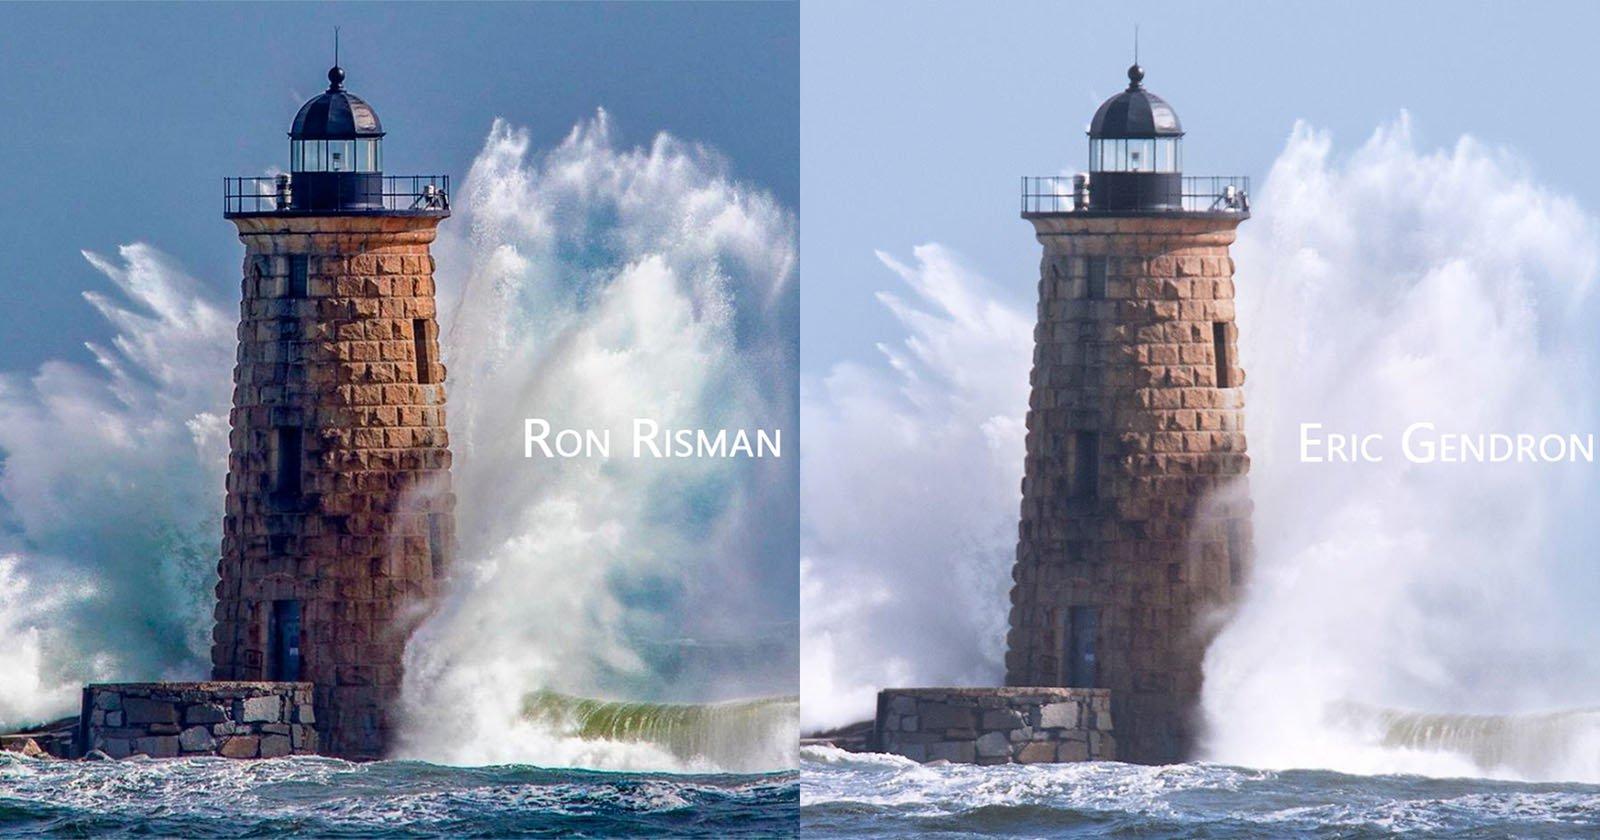 Как два фотографа случайно запечатлели одну и ту же миллисекунду - 1